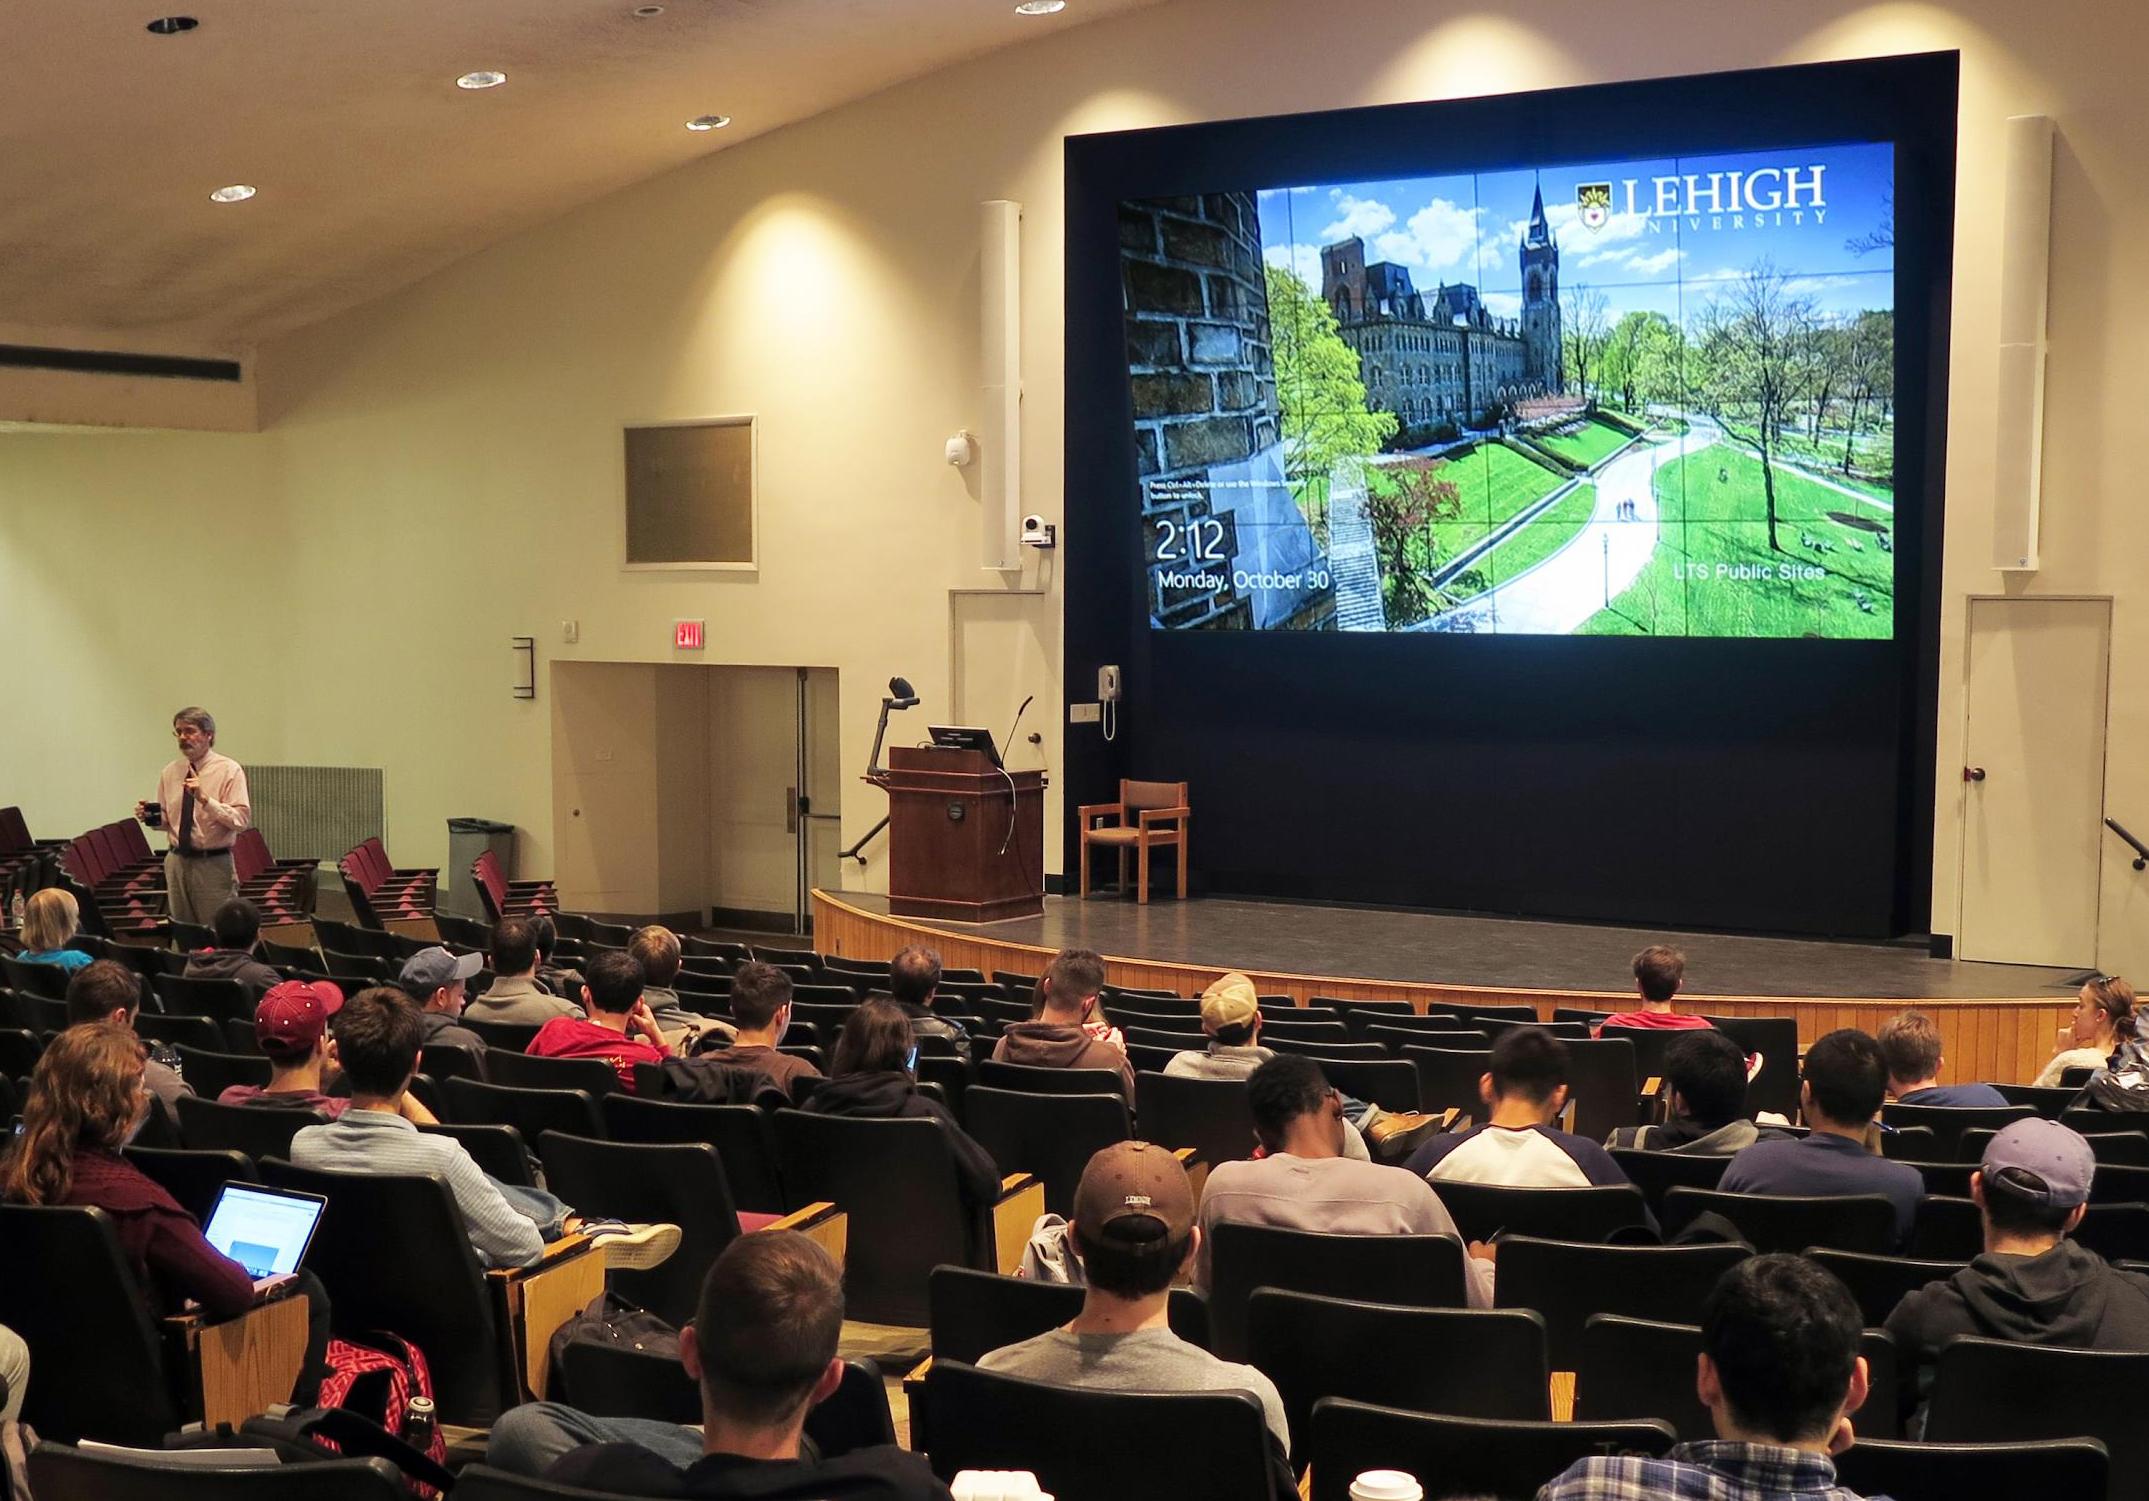 Packard Lab 101 high tech auditorium